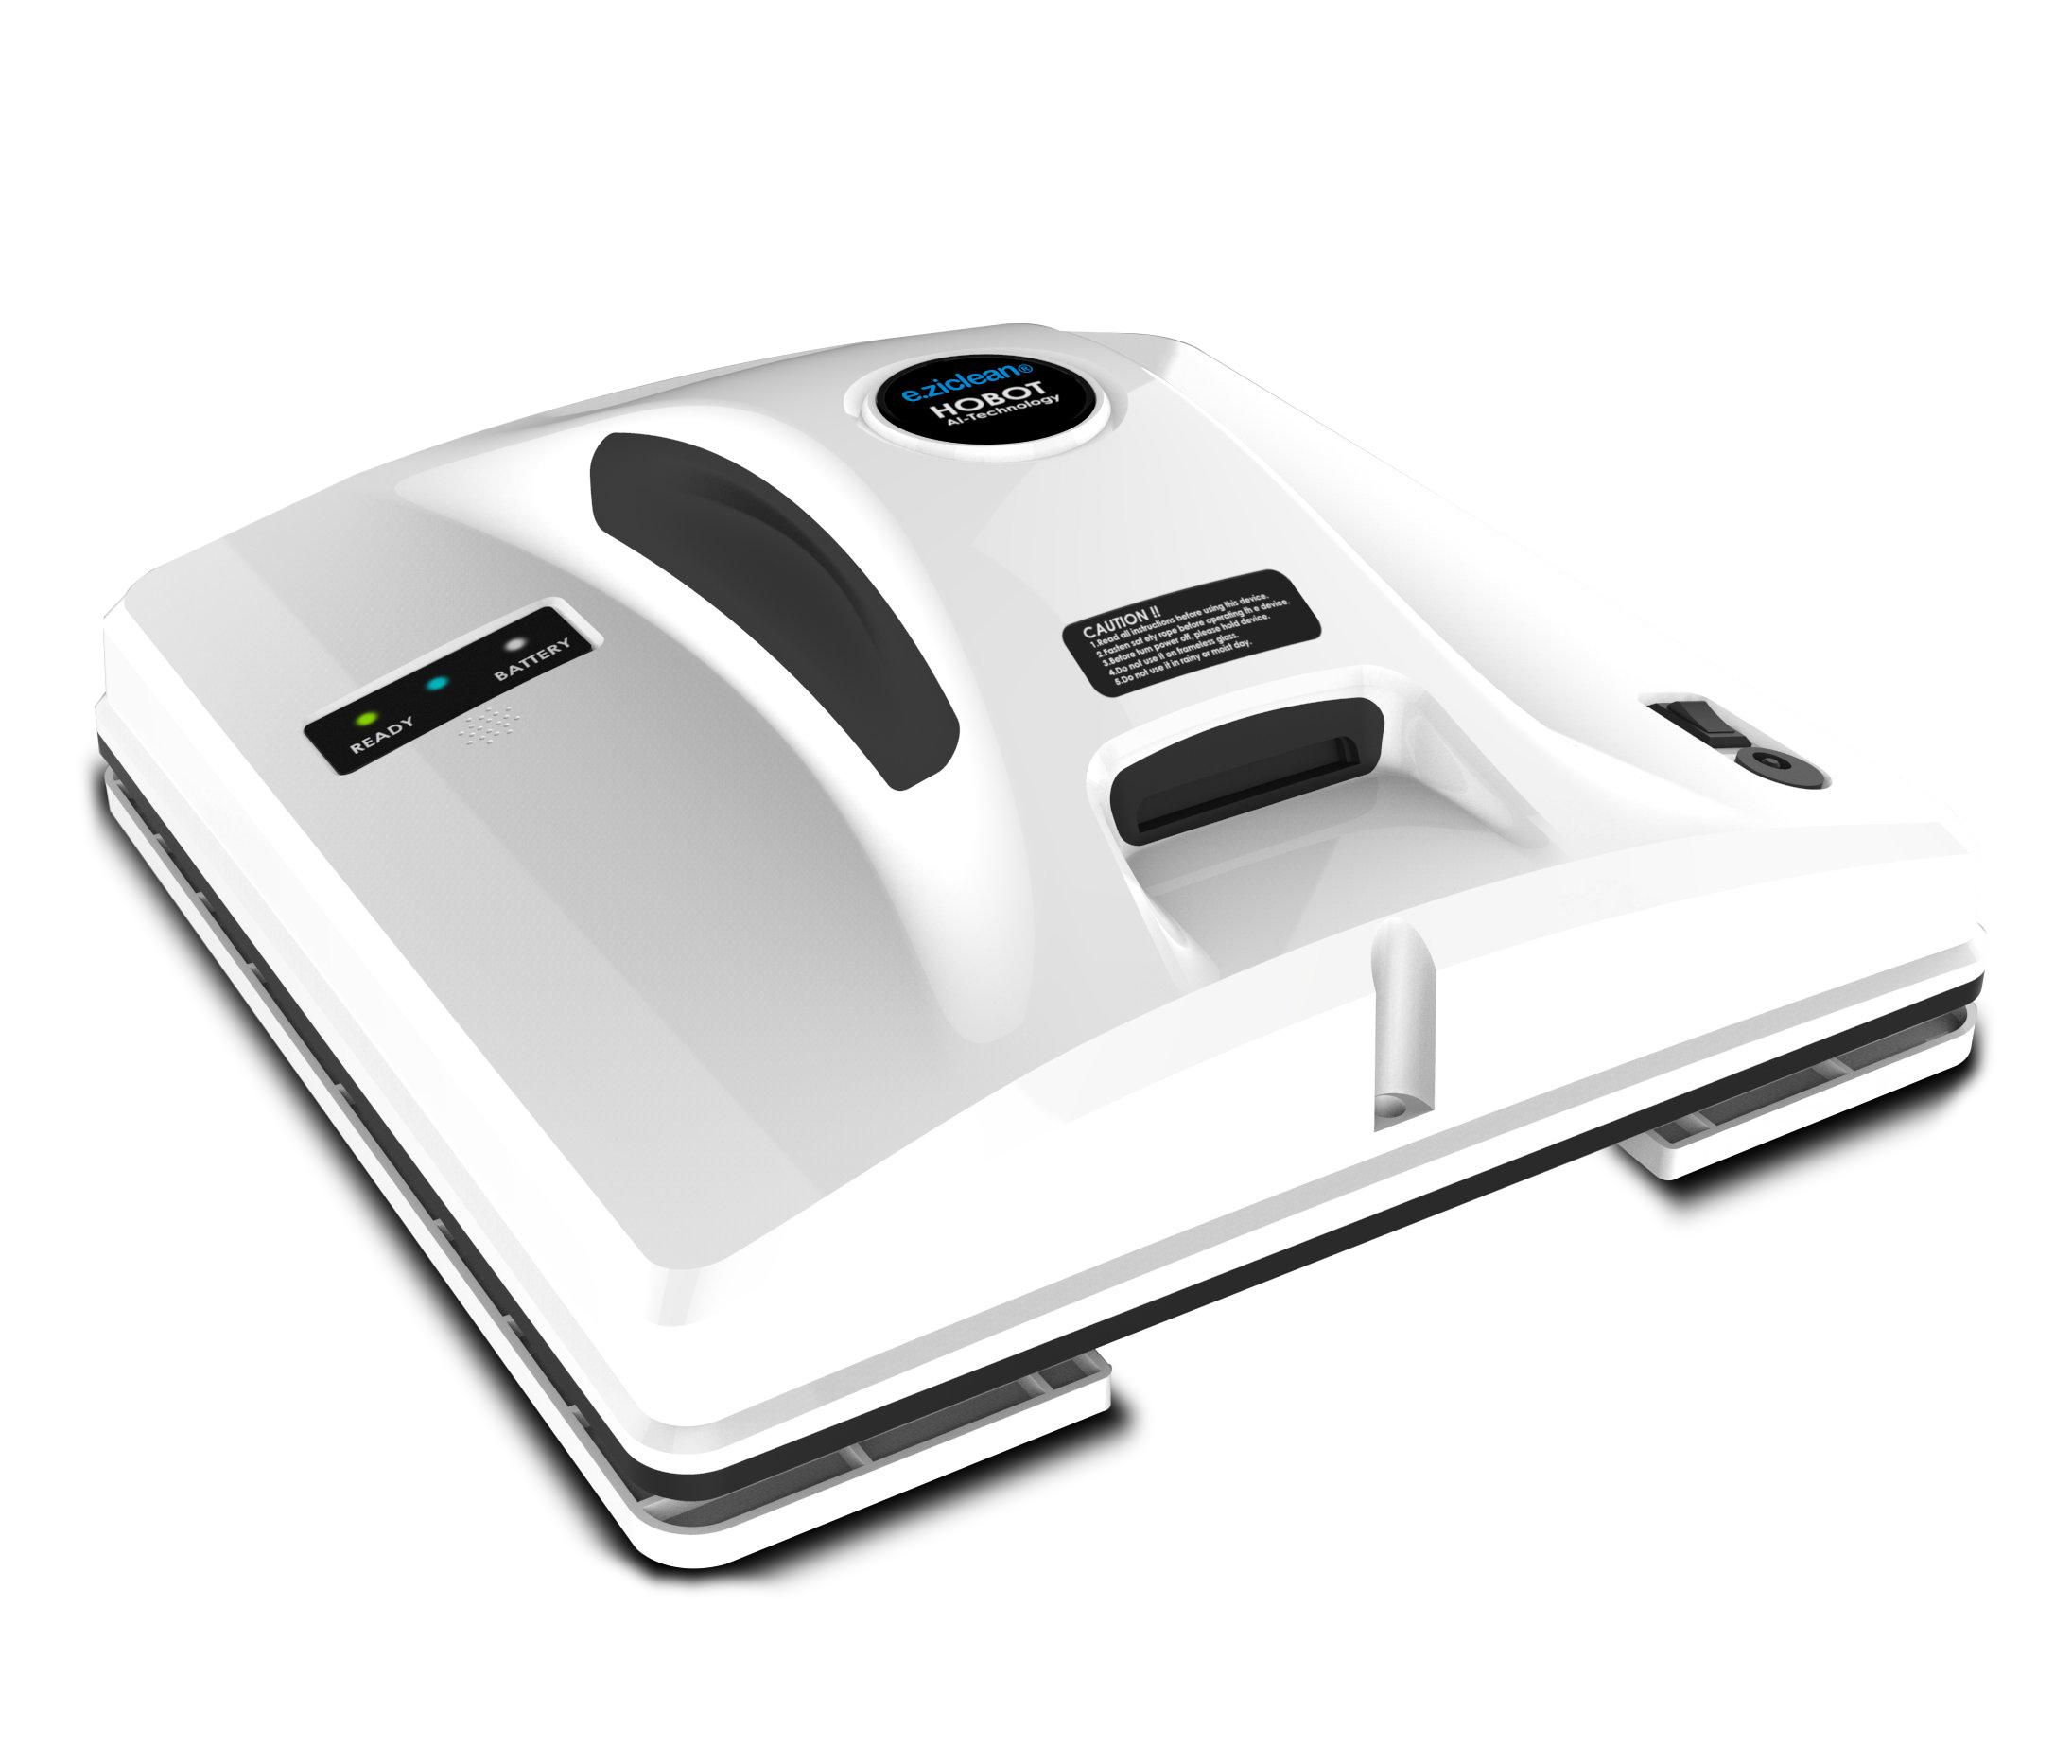 e ziclean robot laveur de vitres hobot square. Black Bedroom Furniture Sets. Home Design Ideas